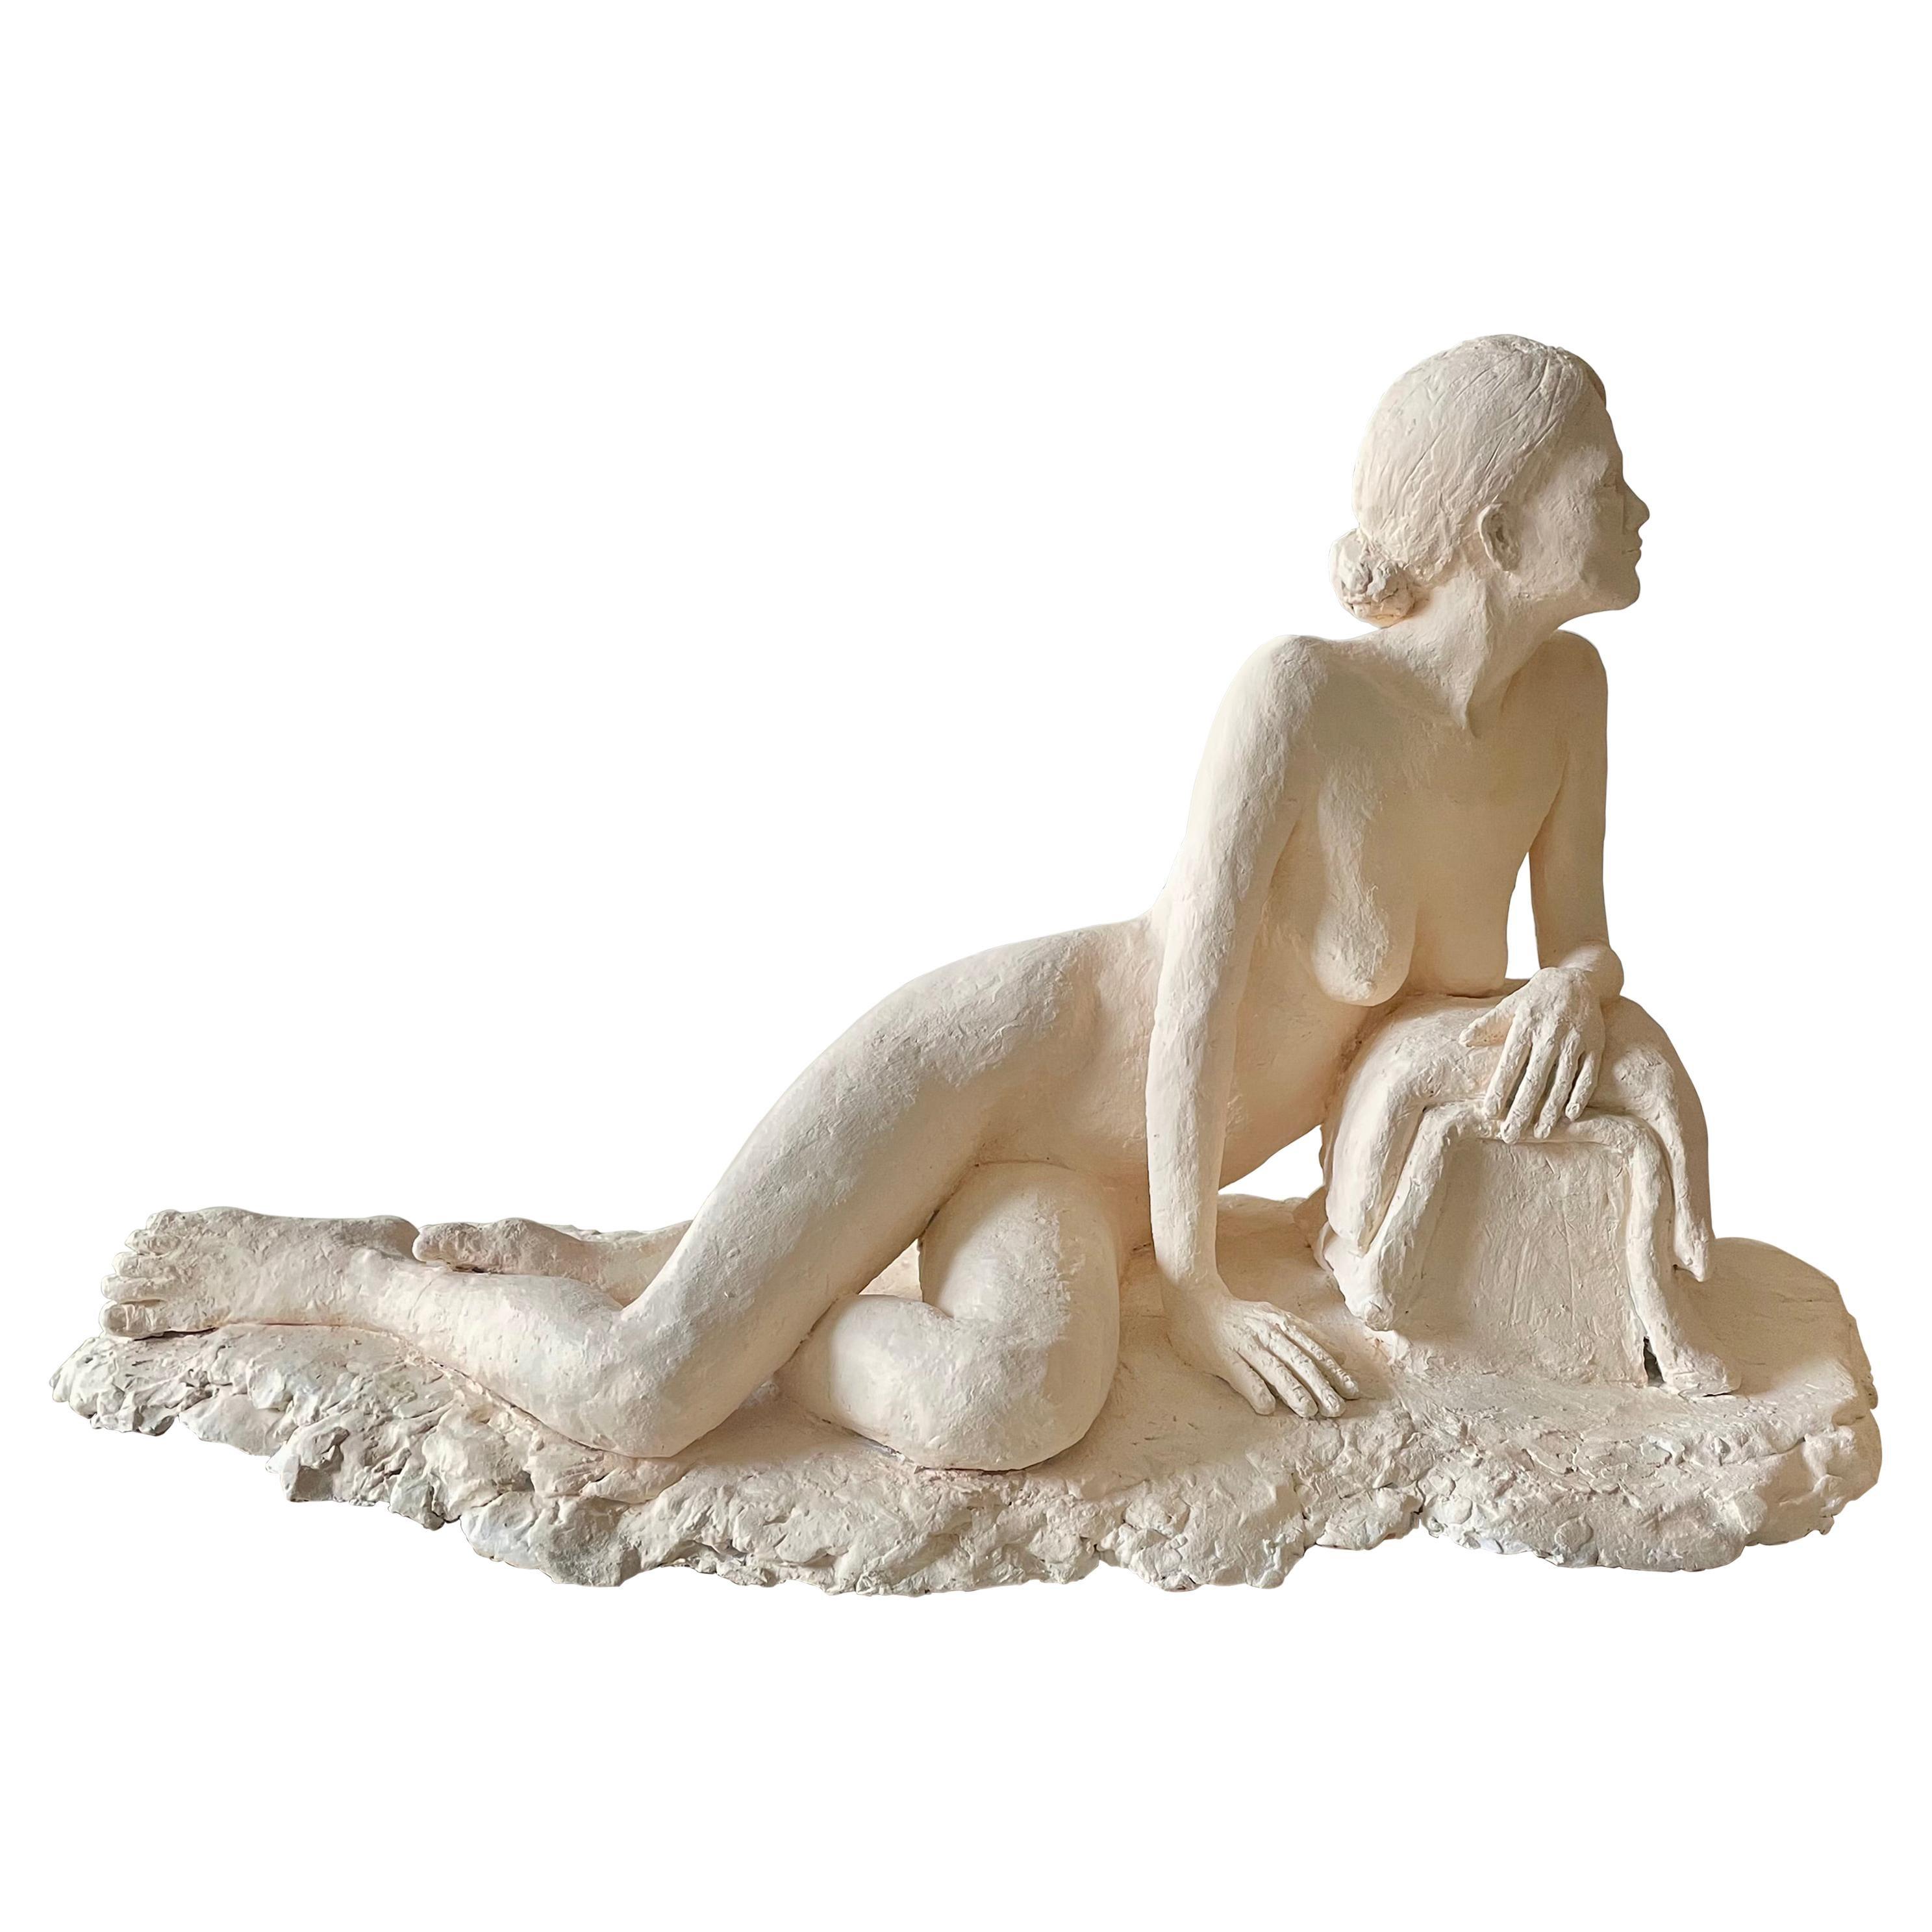 Nude Woman Plaster Sculpture